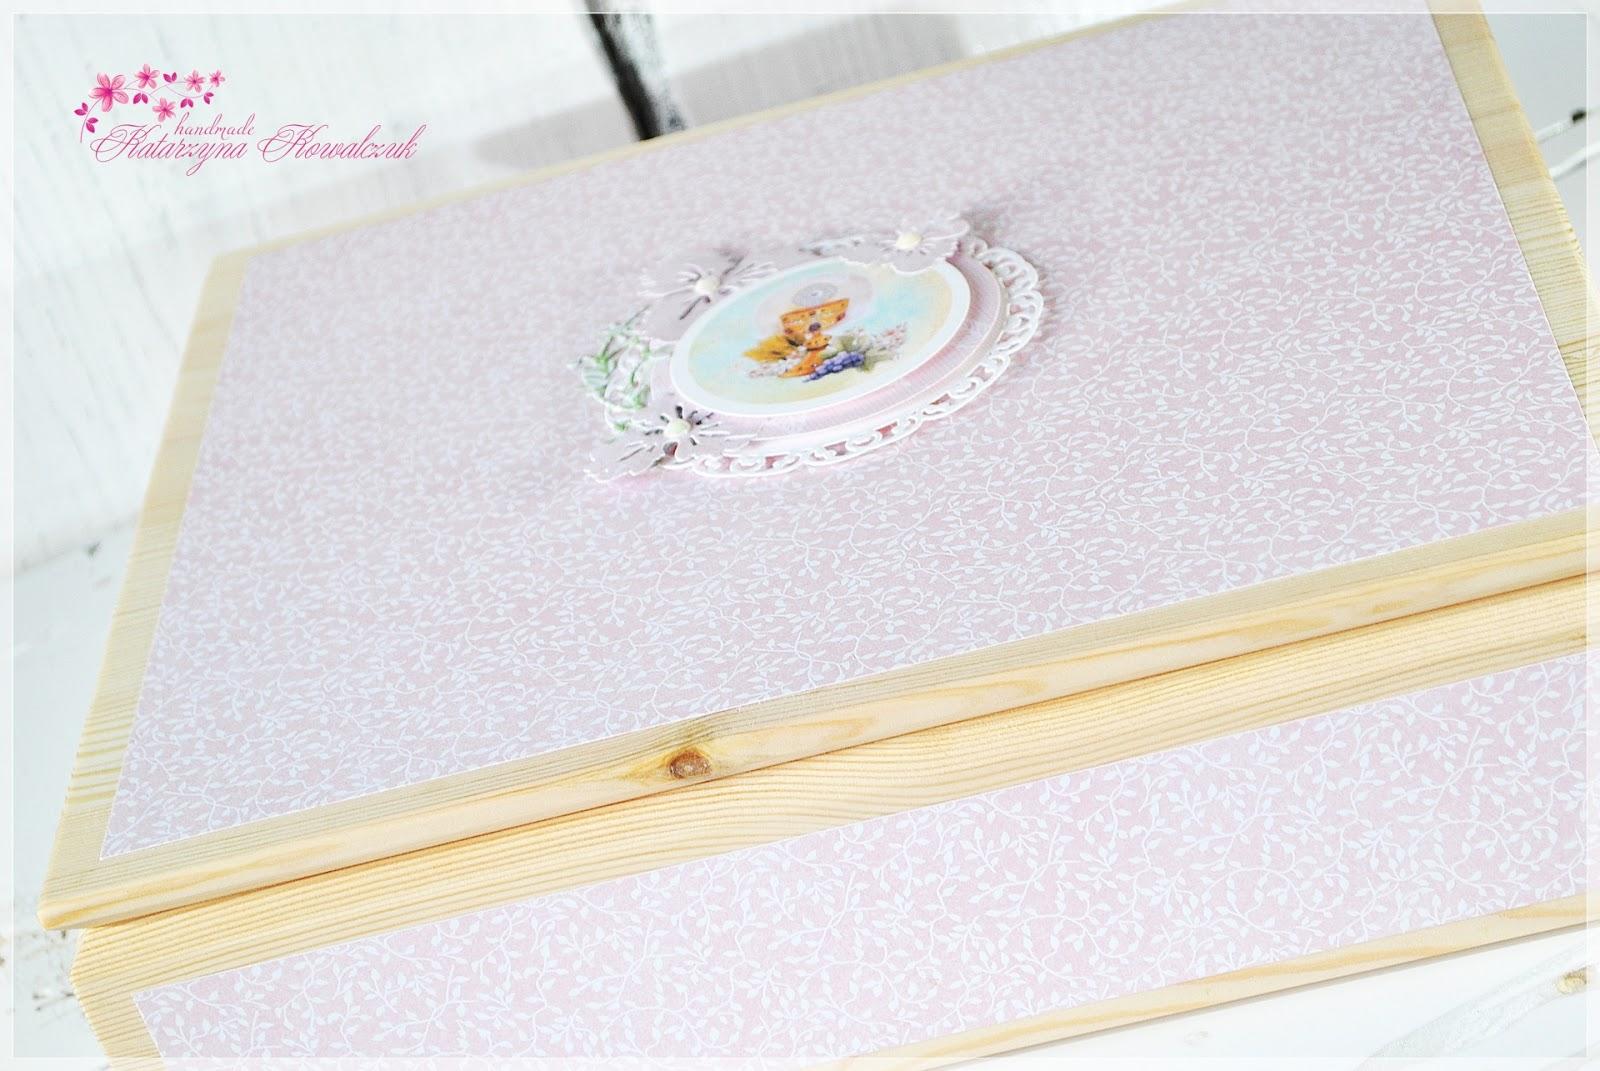 zaproszenia na pierwszą komunię święta, księga gości, drewniane pudełko